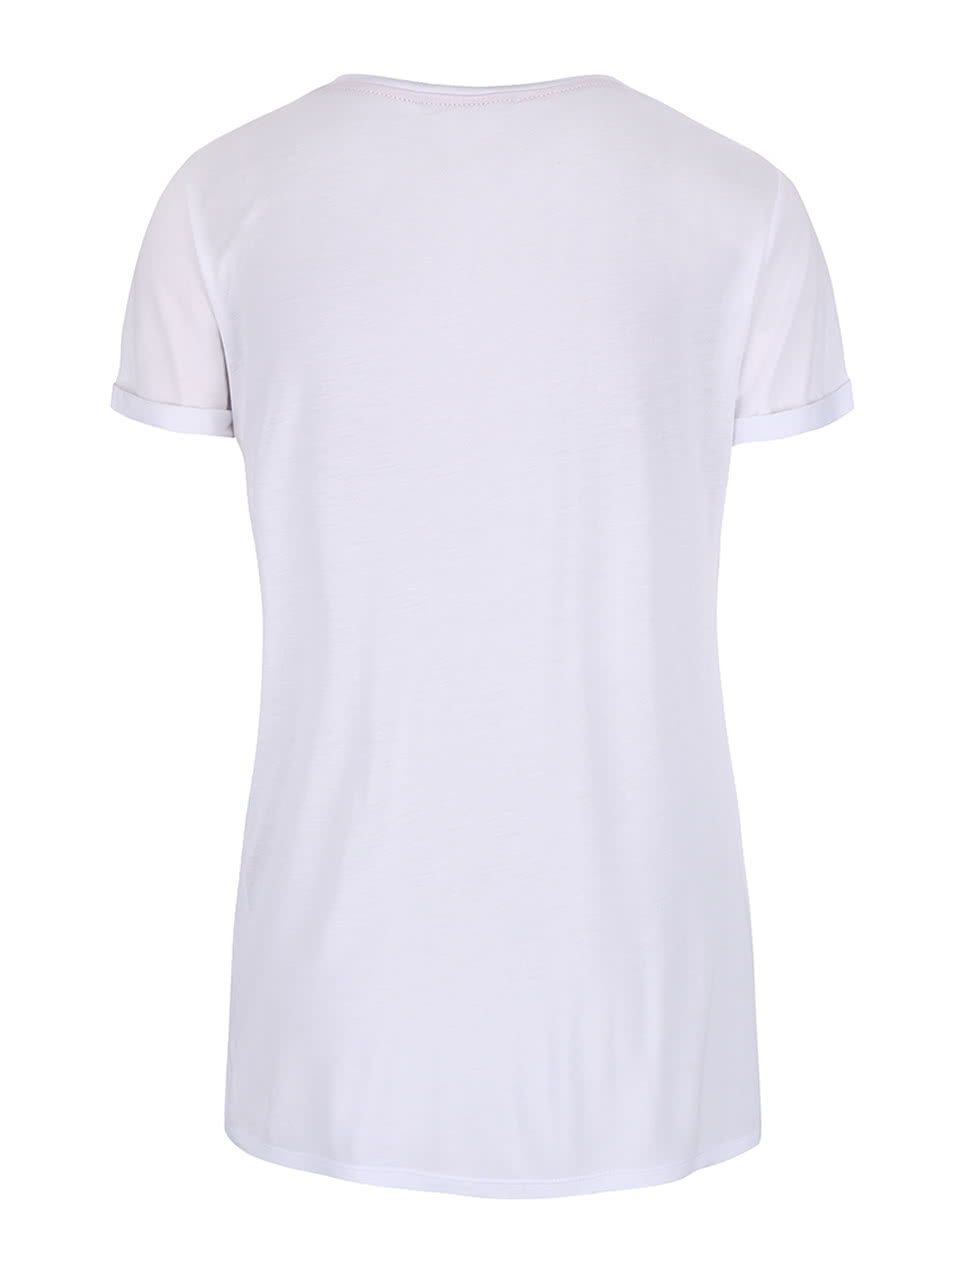 15413c9b4870 Biele tričko s potlačou Dorothy Perkins ...